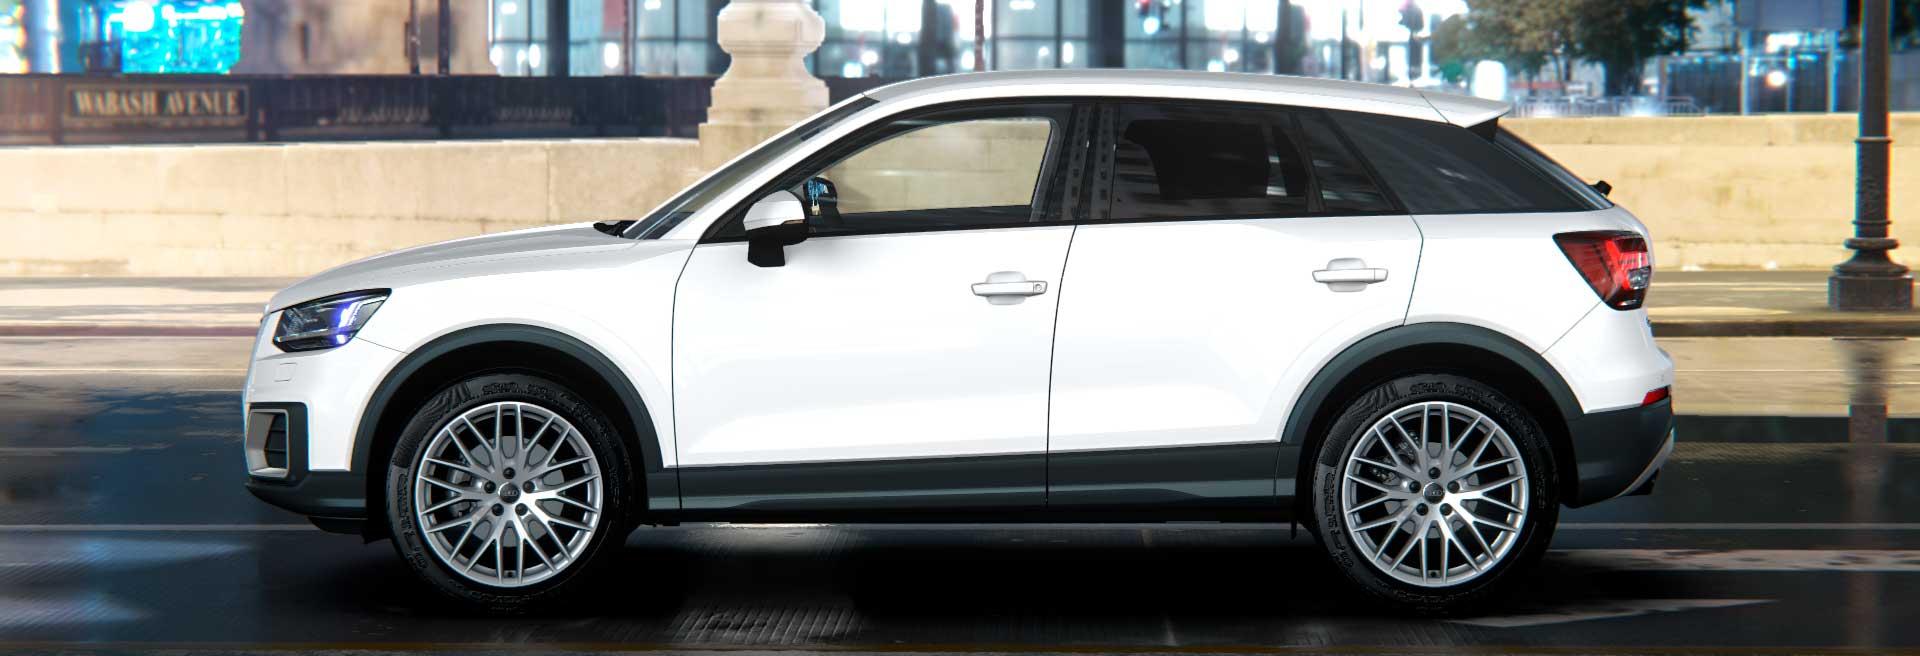 Cabecera-Audi-Q2